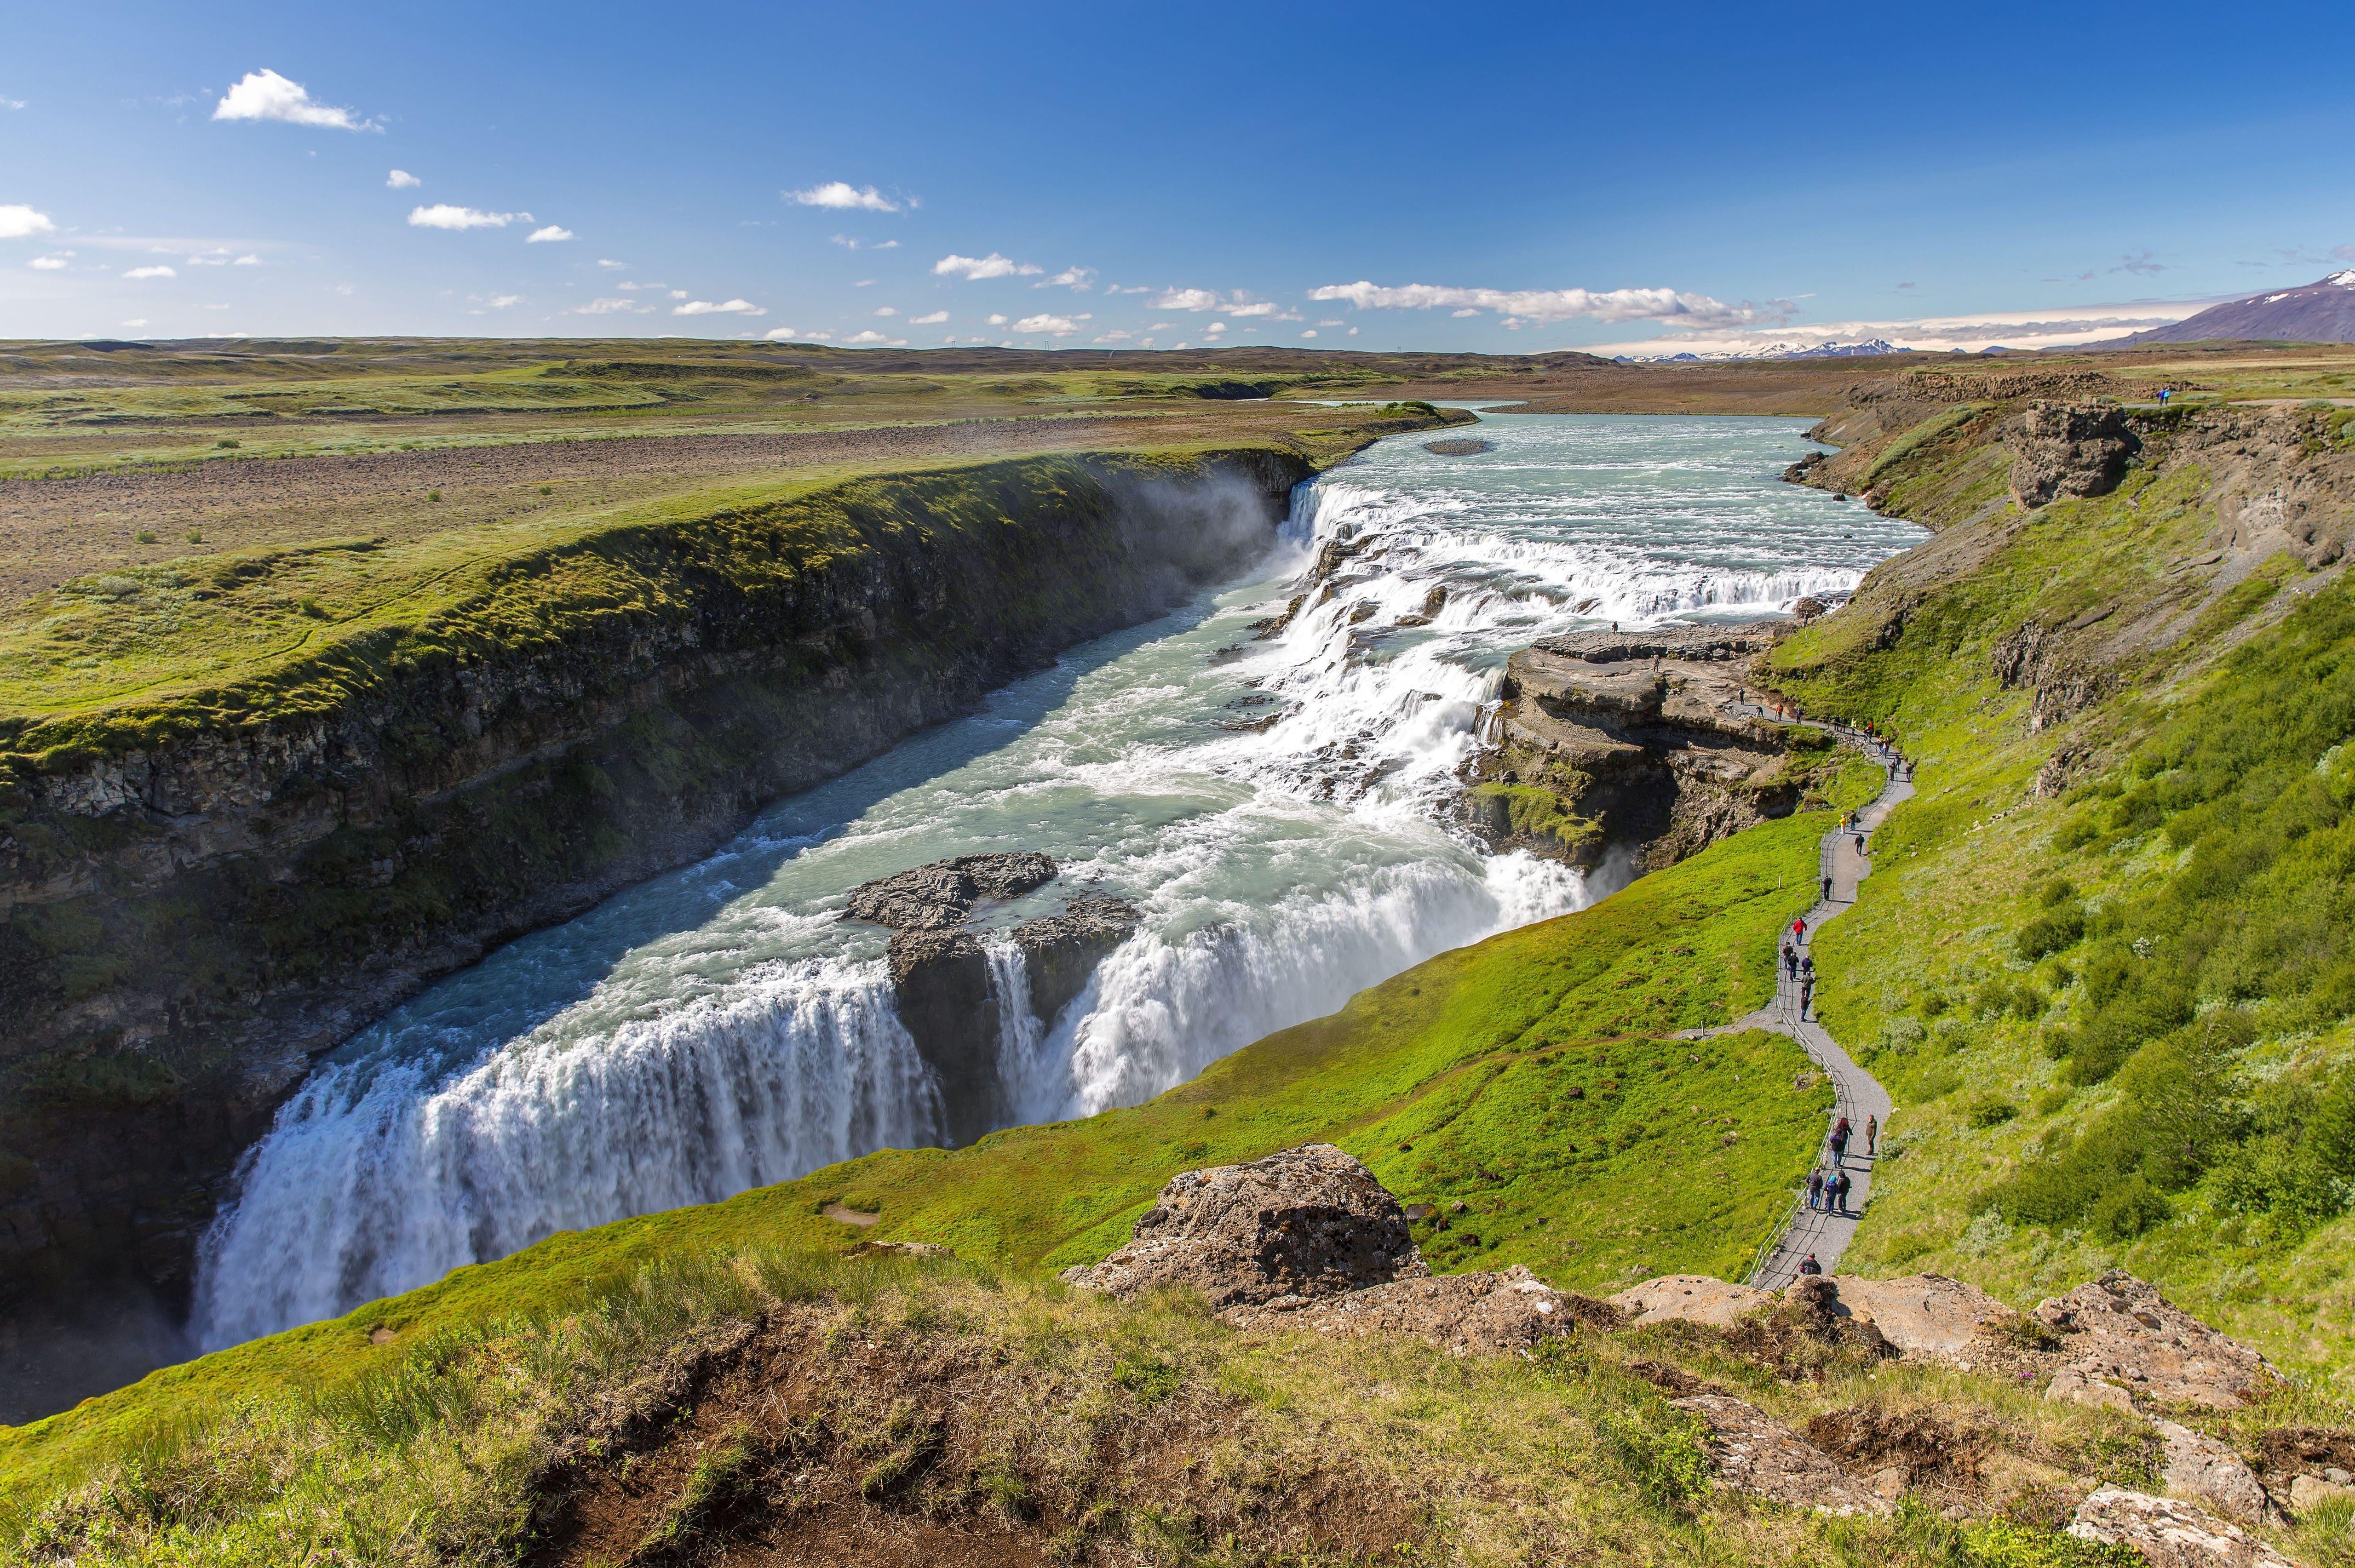 Заставка на экран водопад Гюдльфосс в Исландии, 5k ultra hd, 5120 на 3410 пикселей